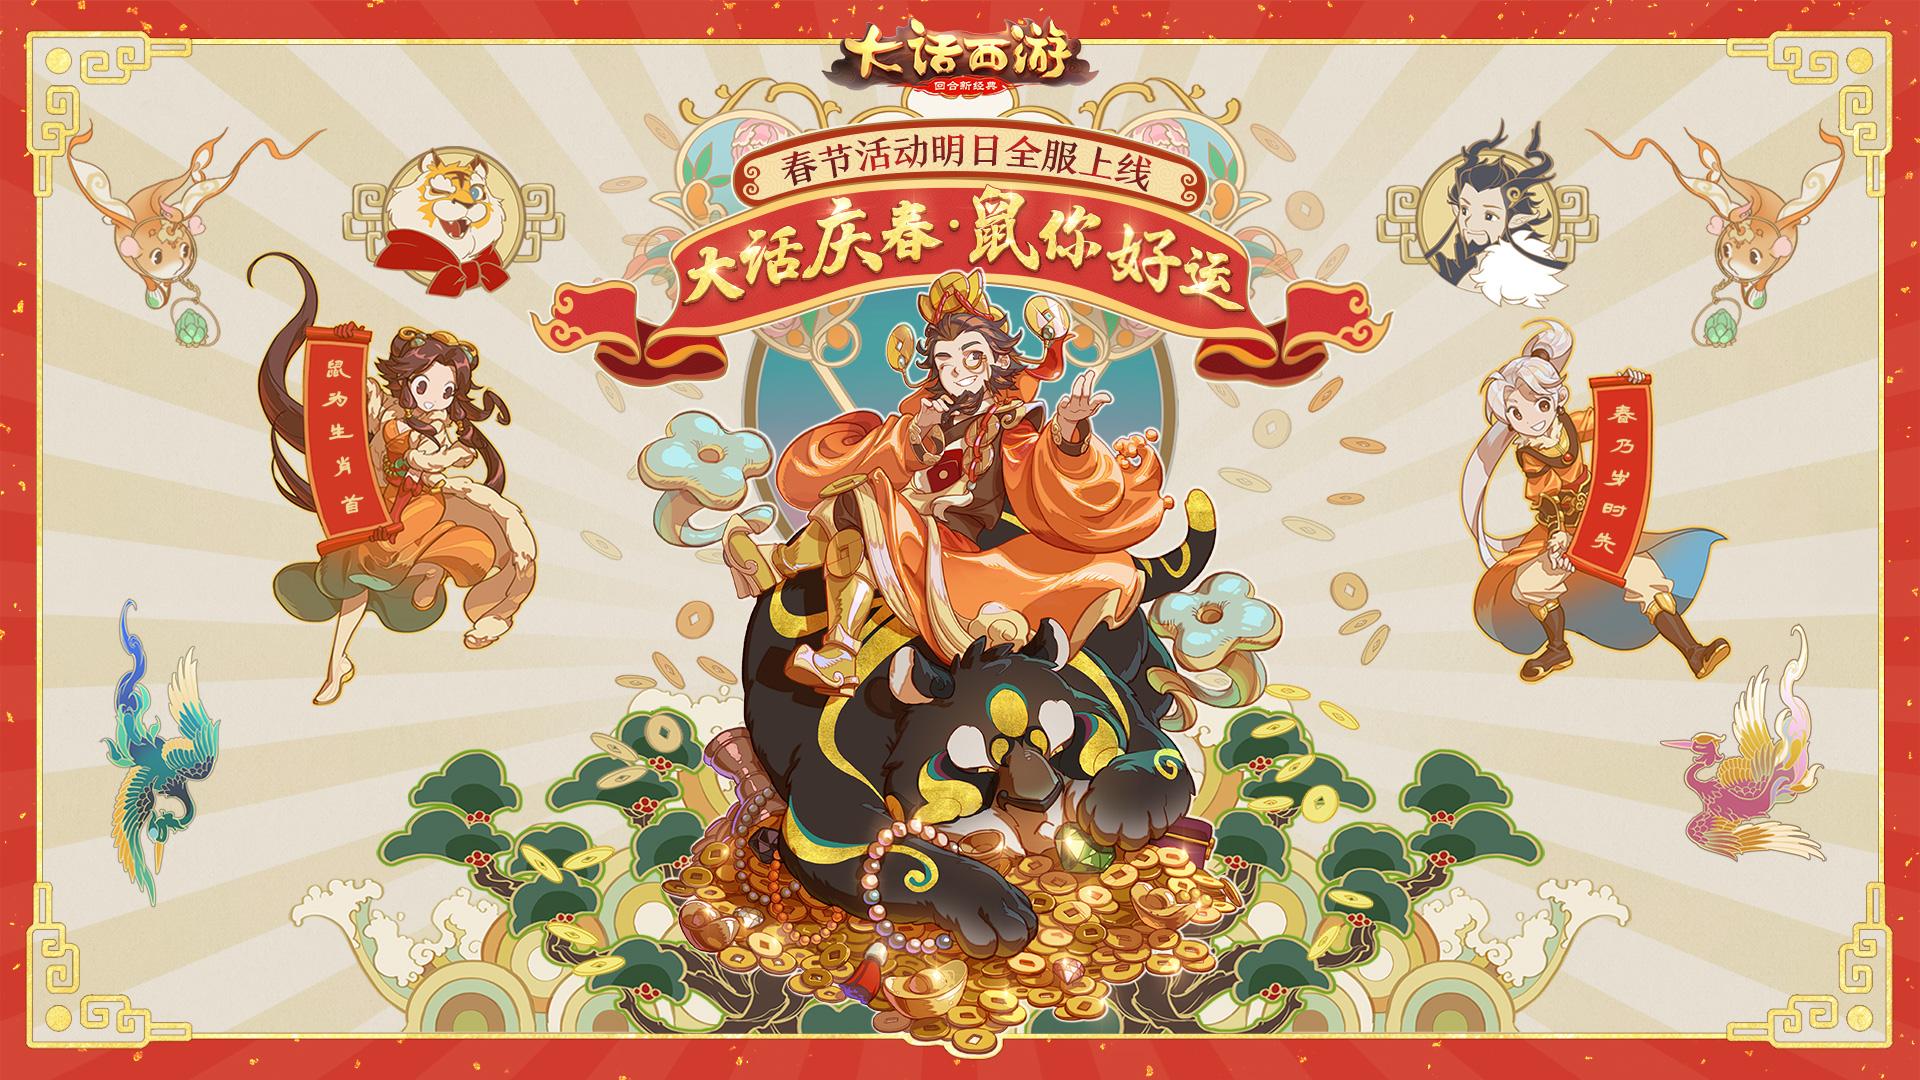 舞龙踏春驱年兽 大话手游春节活动明日全服上线